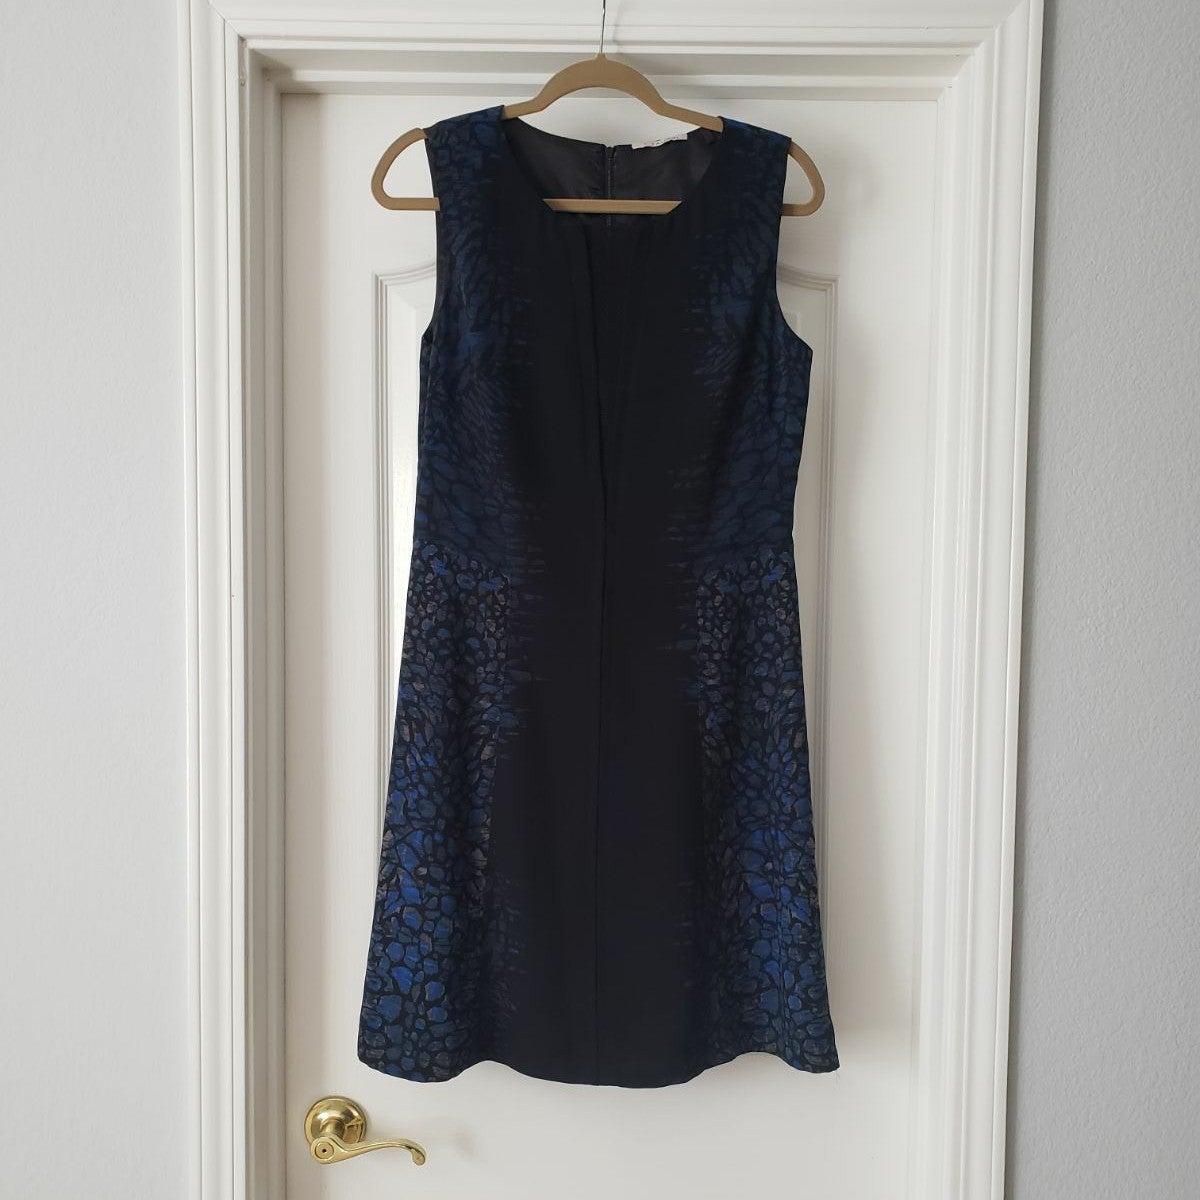 T Tahari Blue And Black Dress (6)